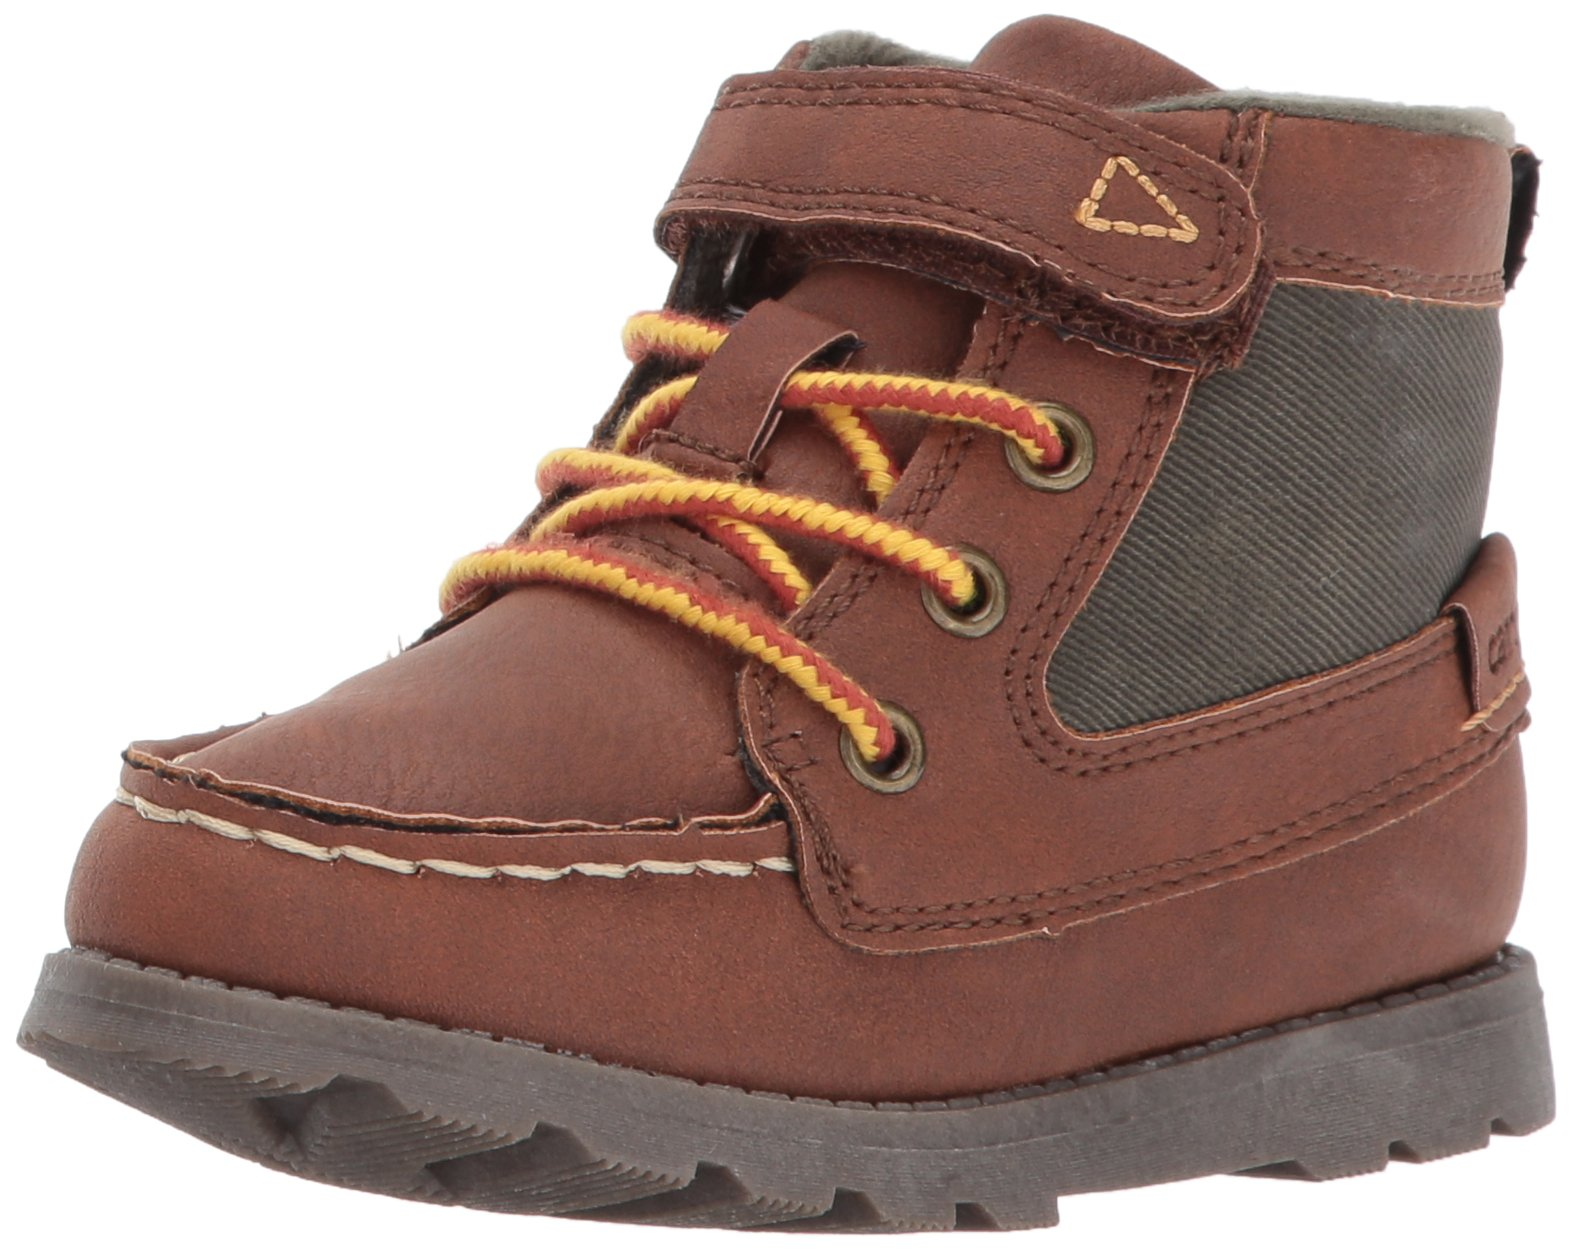 Carter's Boys' Bradford Fashion Boot, Brown, 10 M US Toddler